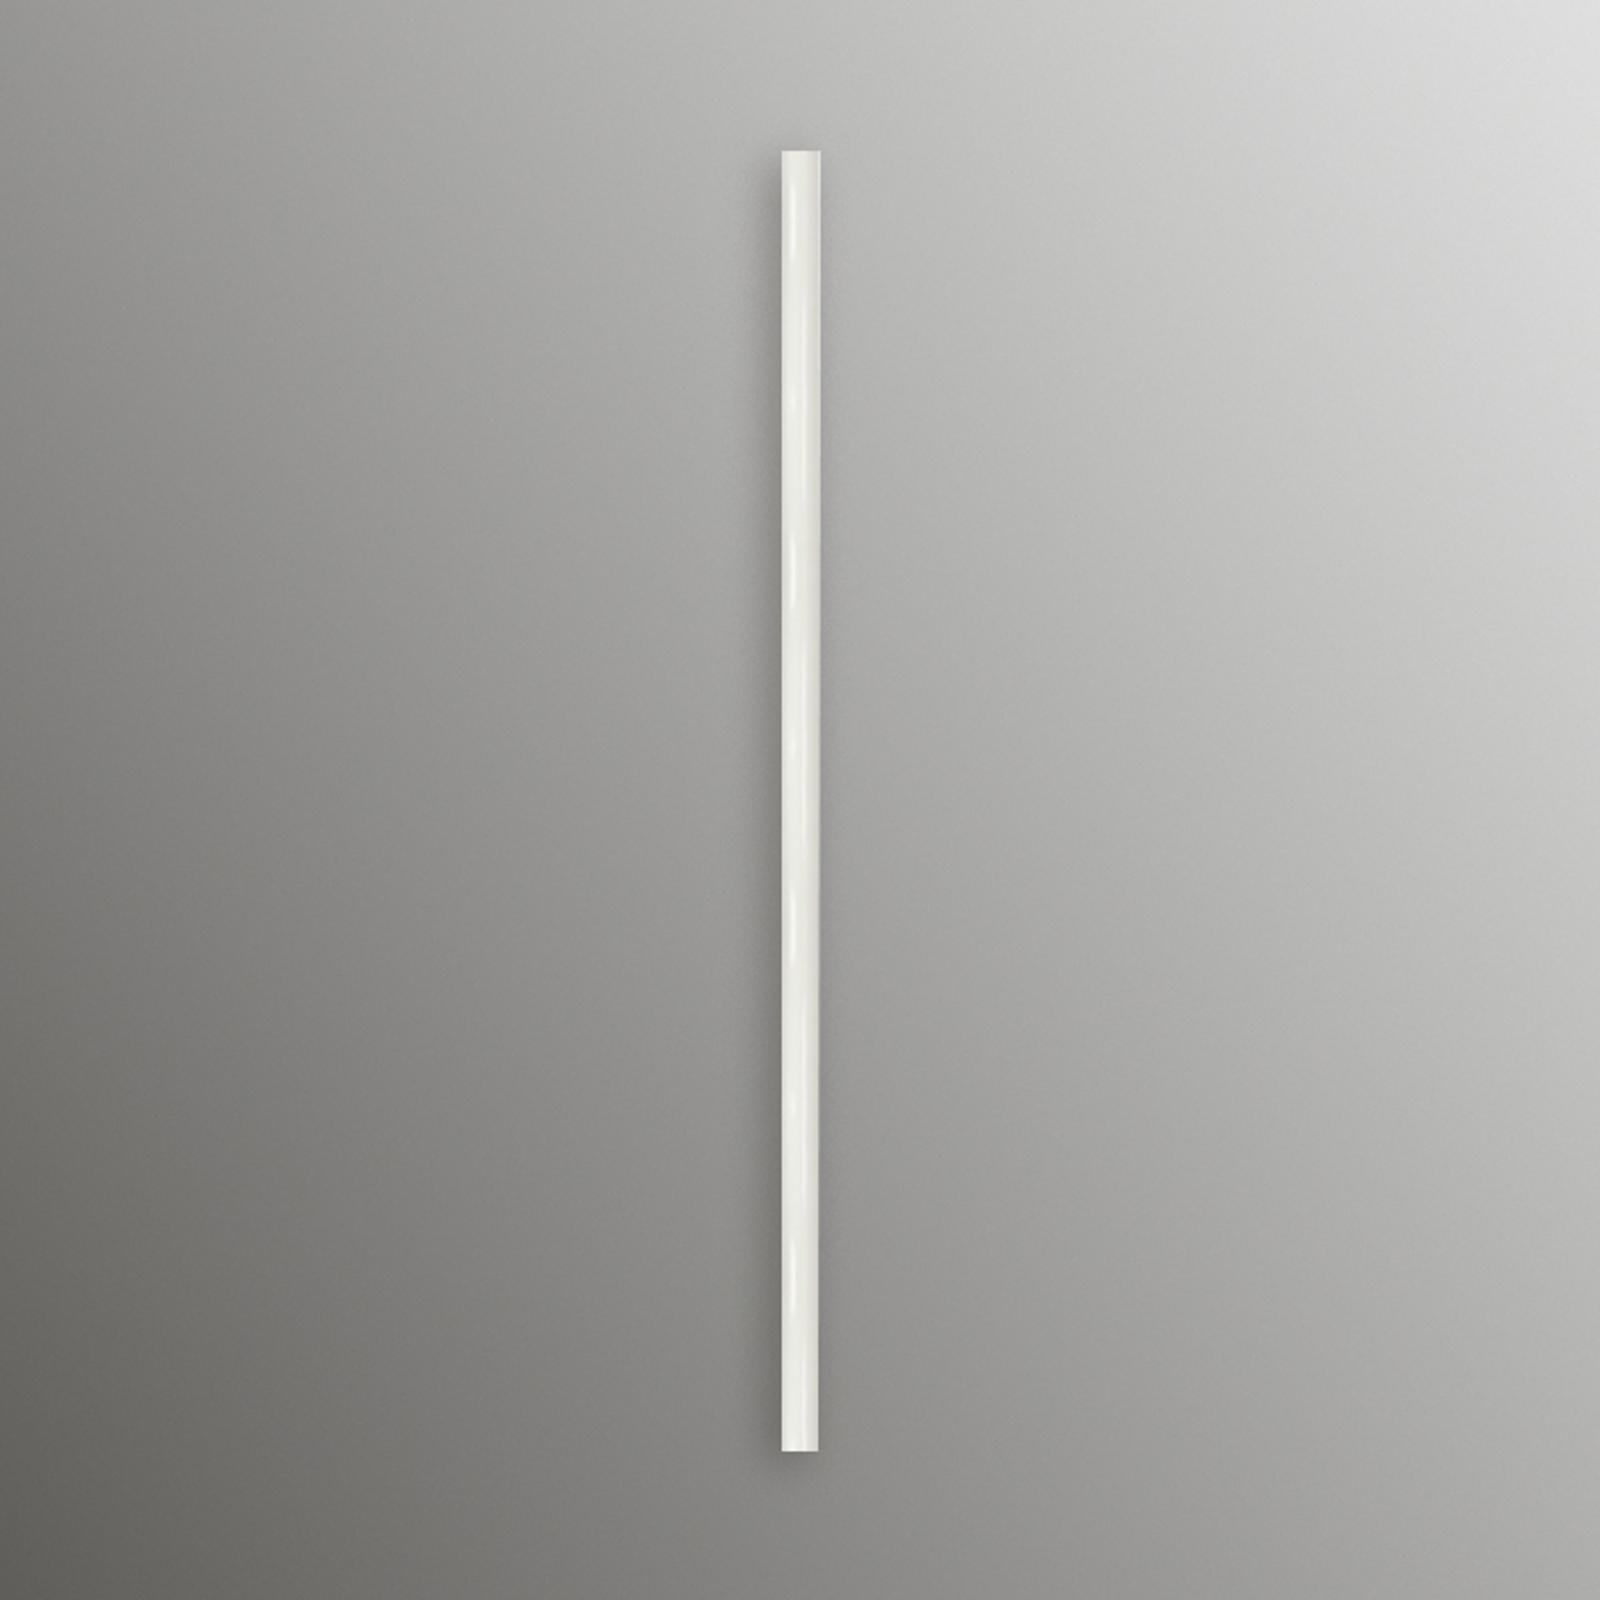 Förlängningsstång vit 120 cm